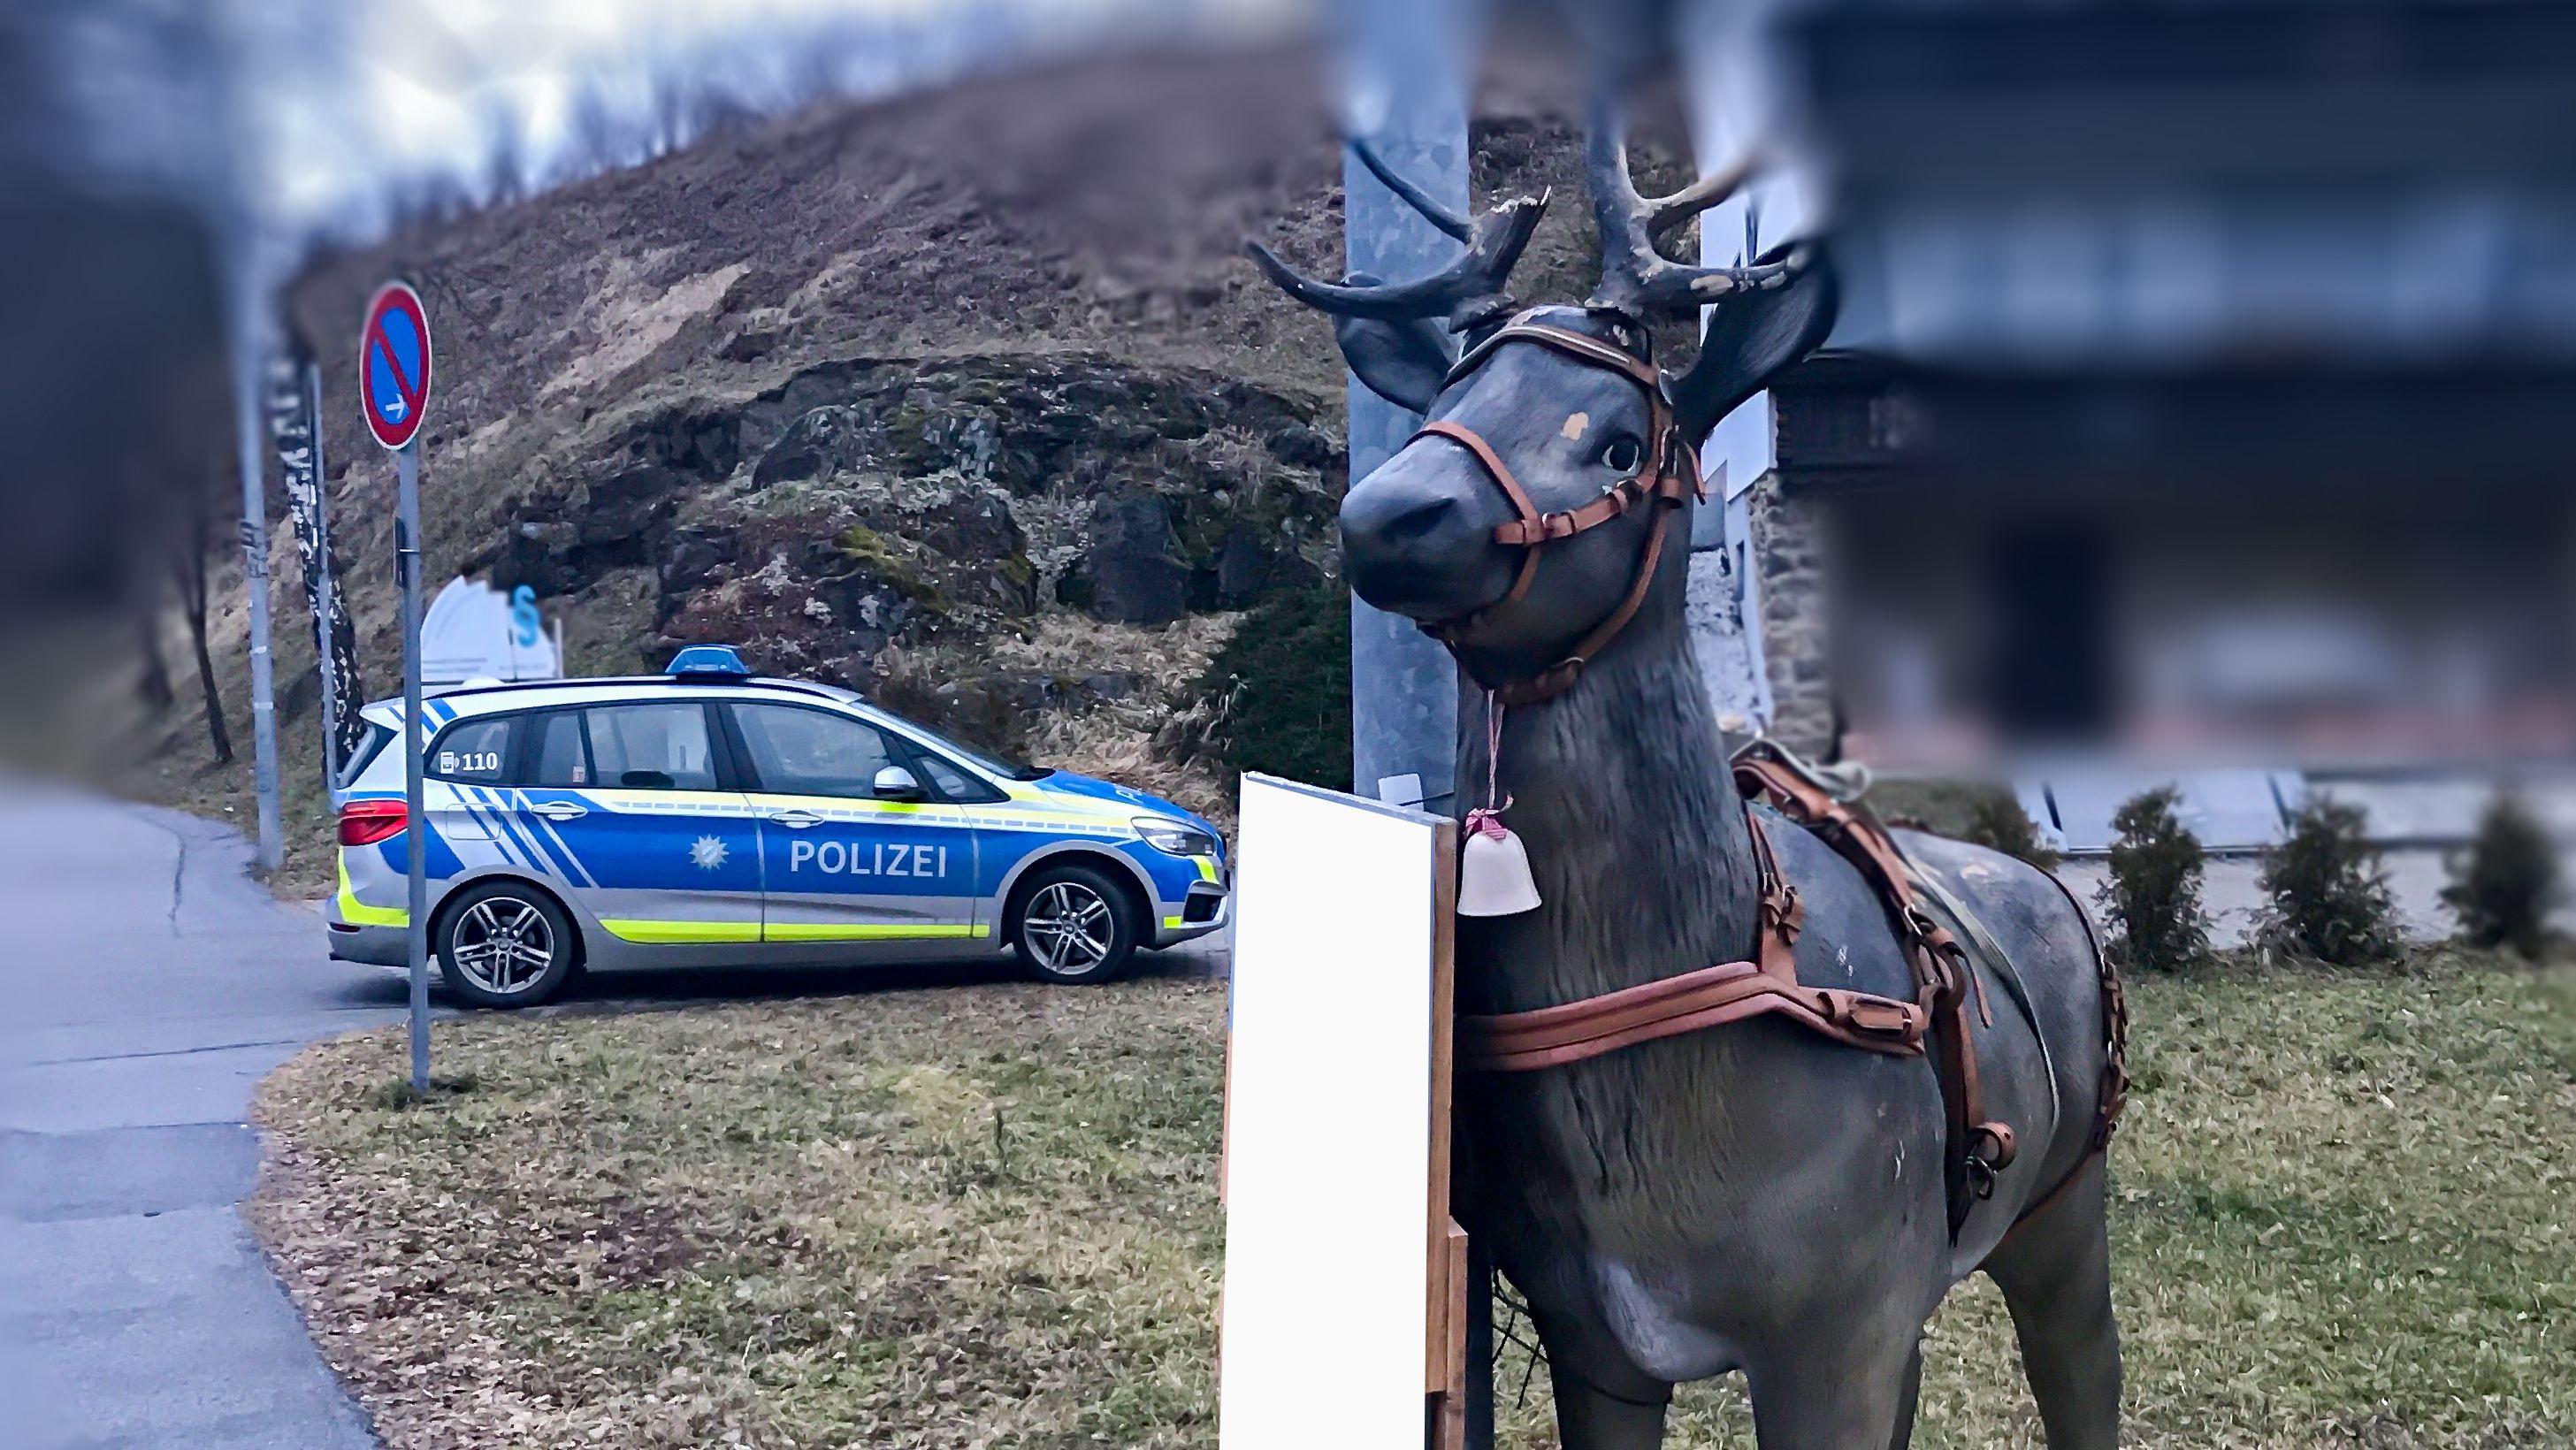 Ein lebensgroßes Hirsch-Modell hat einer Autofahrerin in Zwiesel (Lkr. Regen) einen Schreck eingejagt.